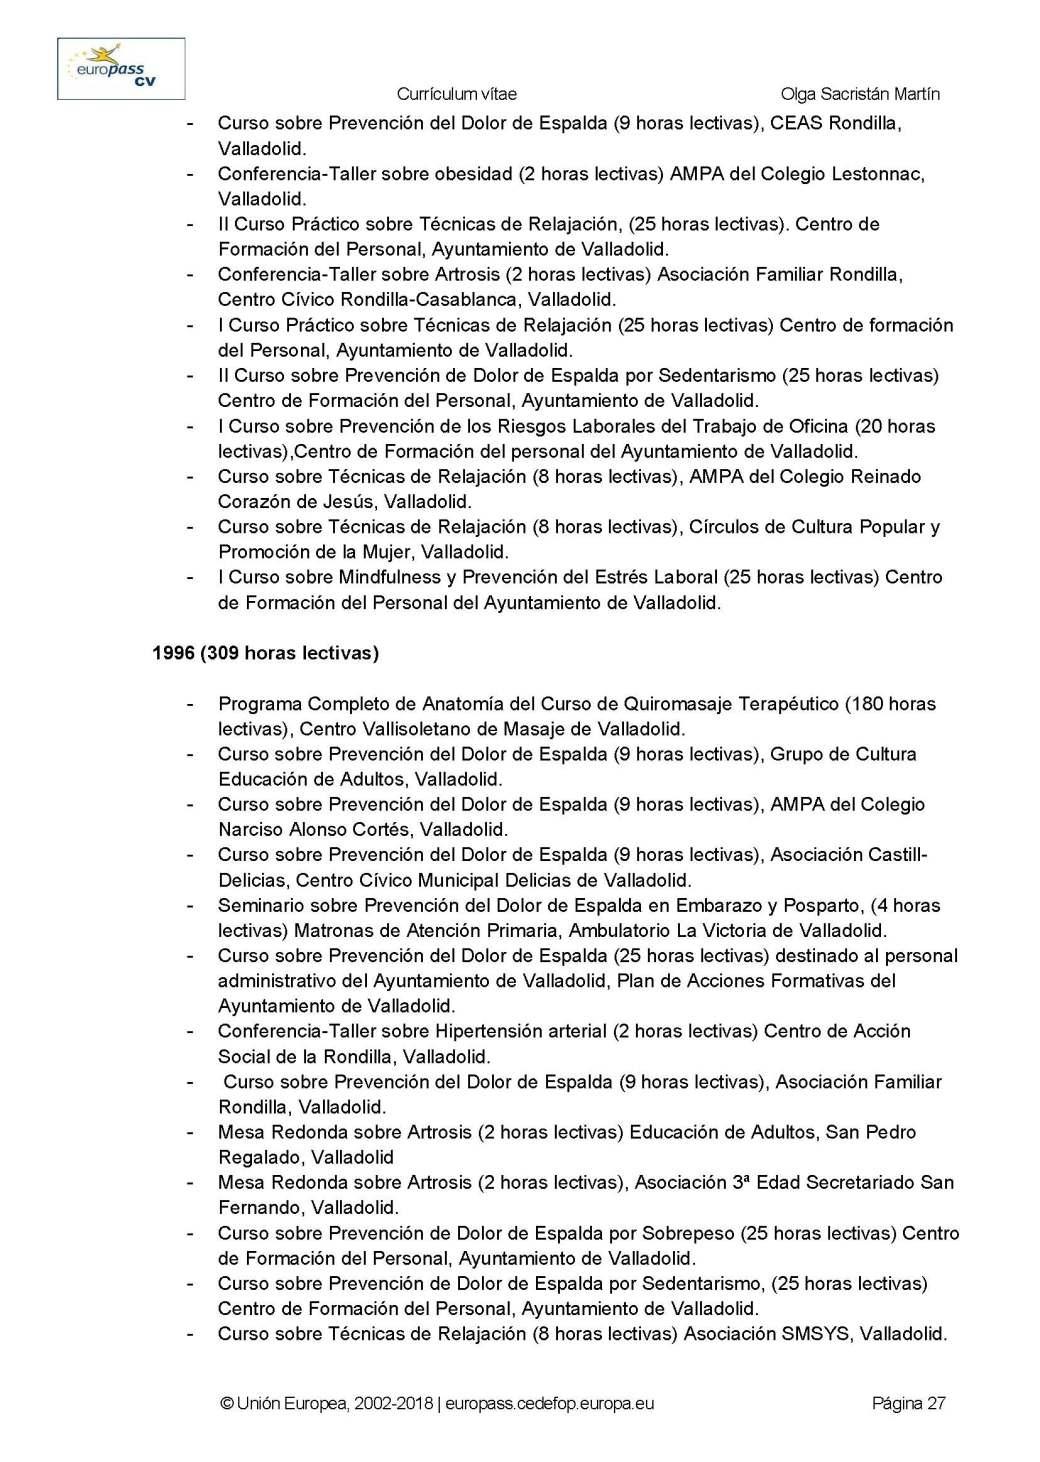 CURRICULUM EUROPASS DRA. OLGA SACRISTAN 2020_Página_27